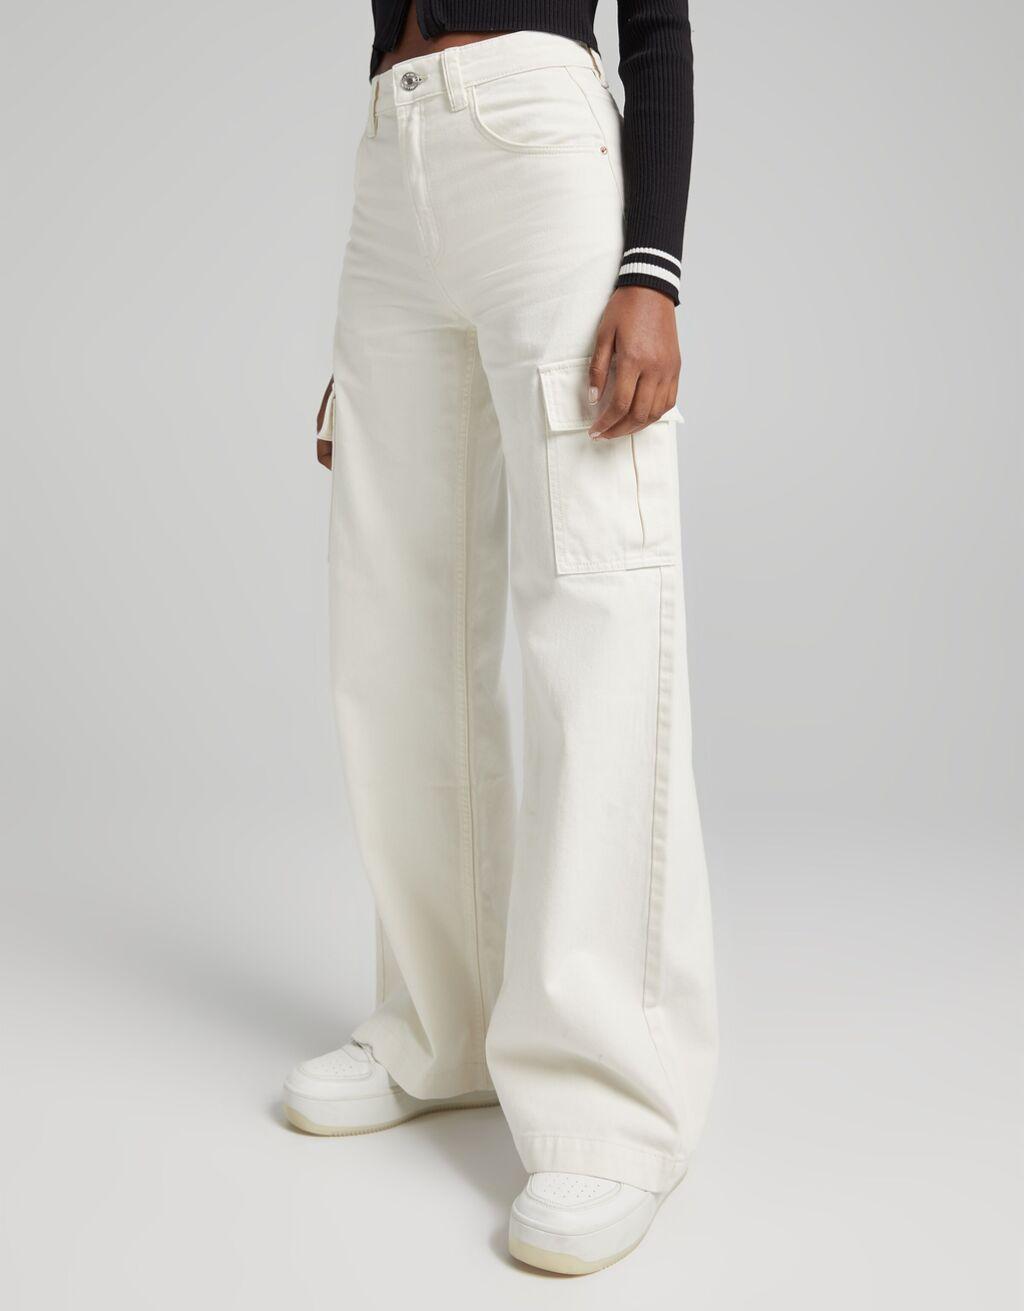 Pantalón sarga wide leg cargo